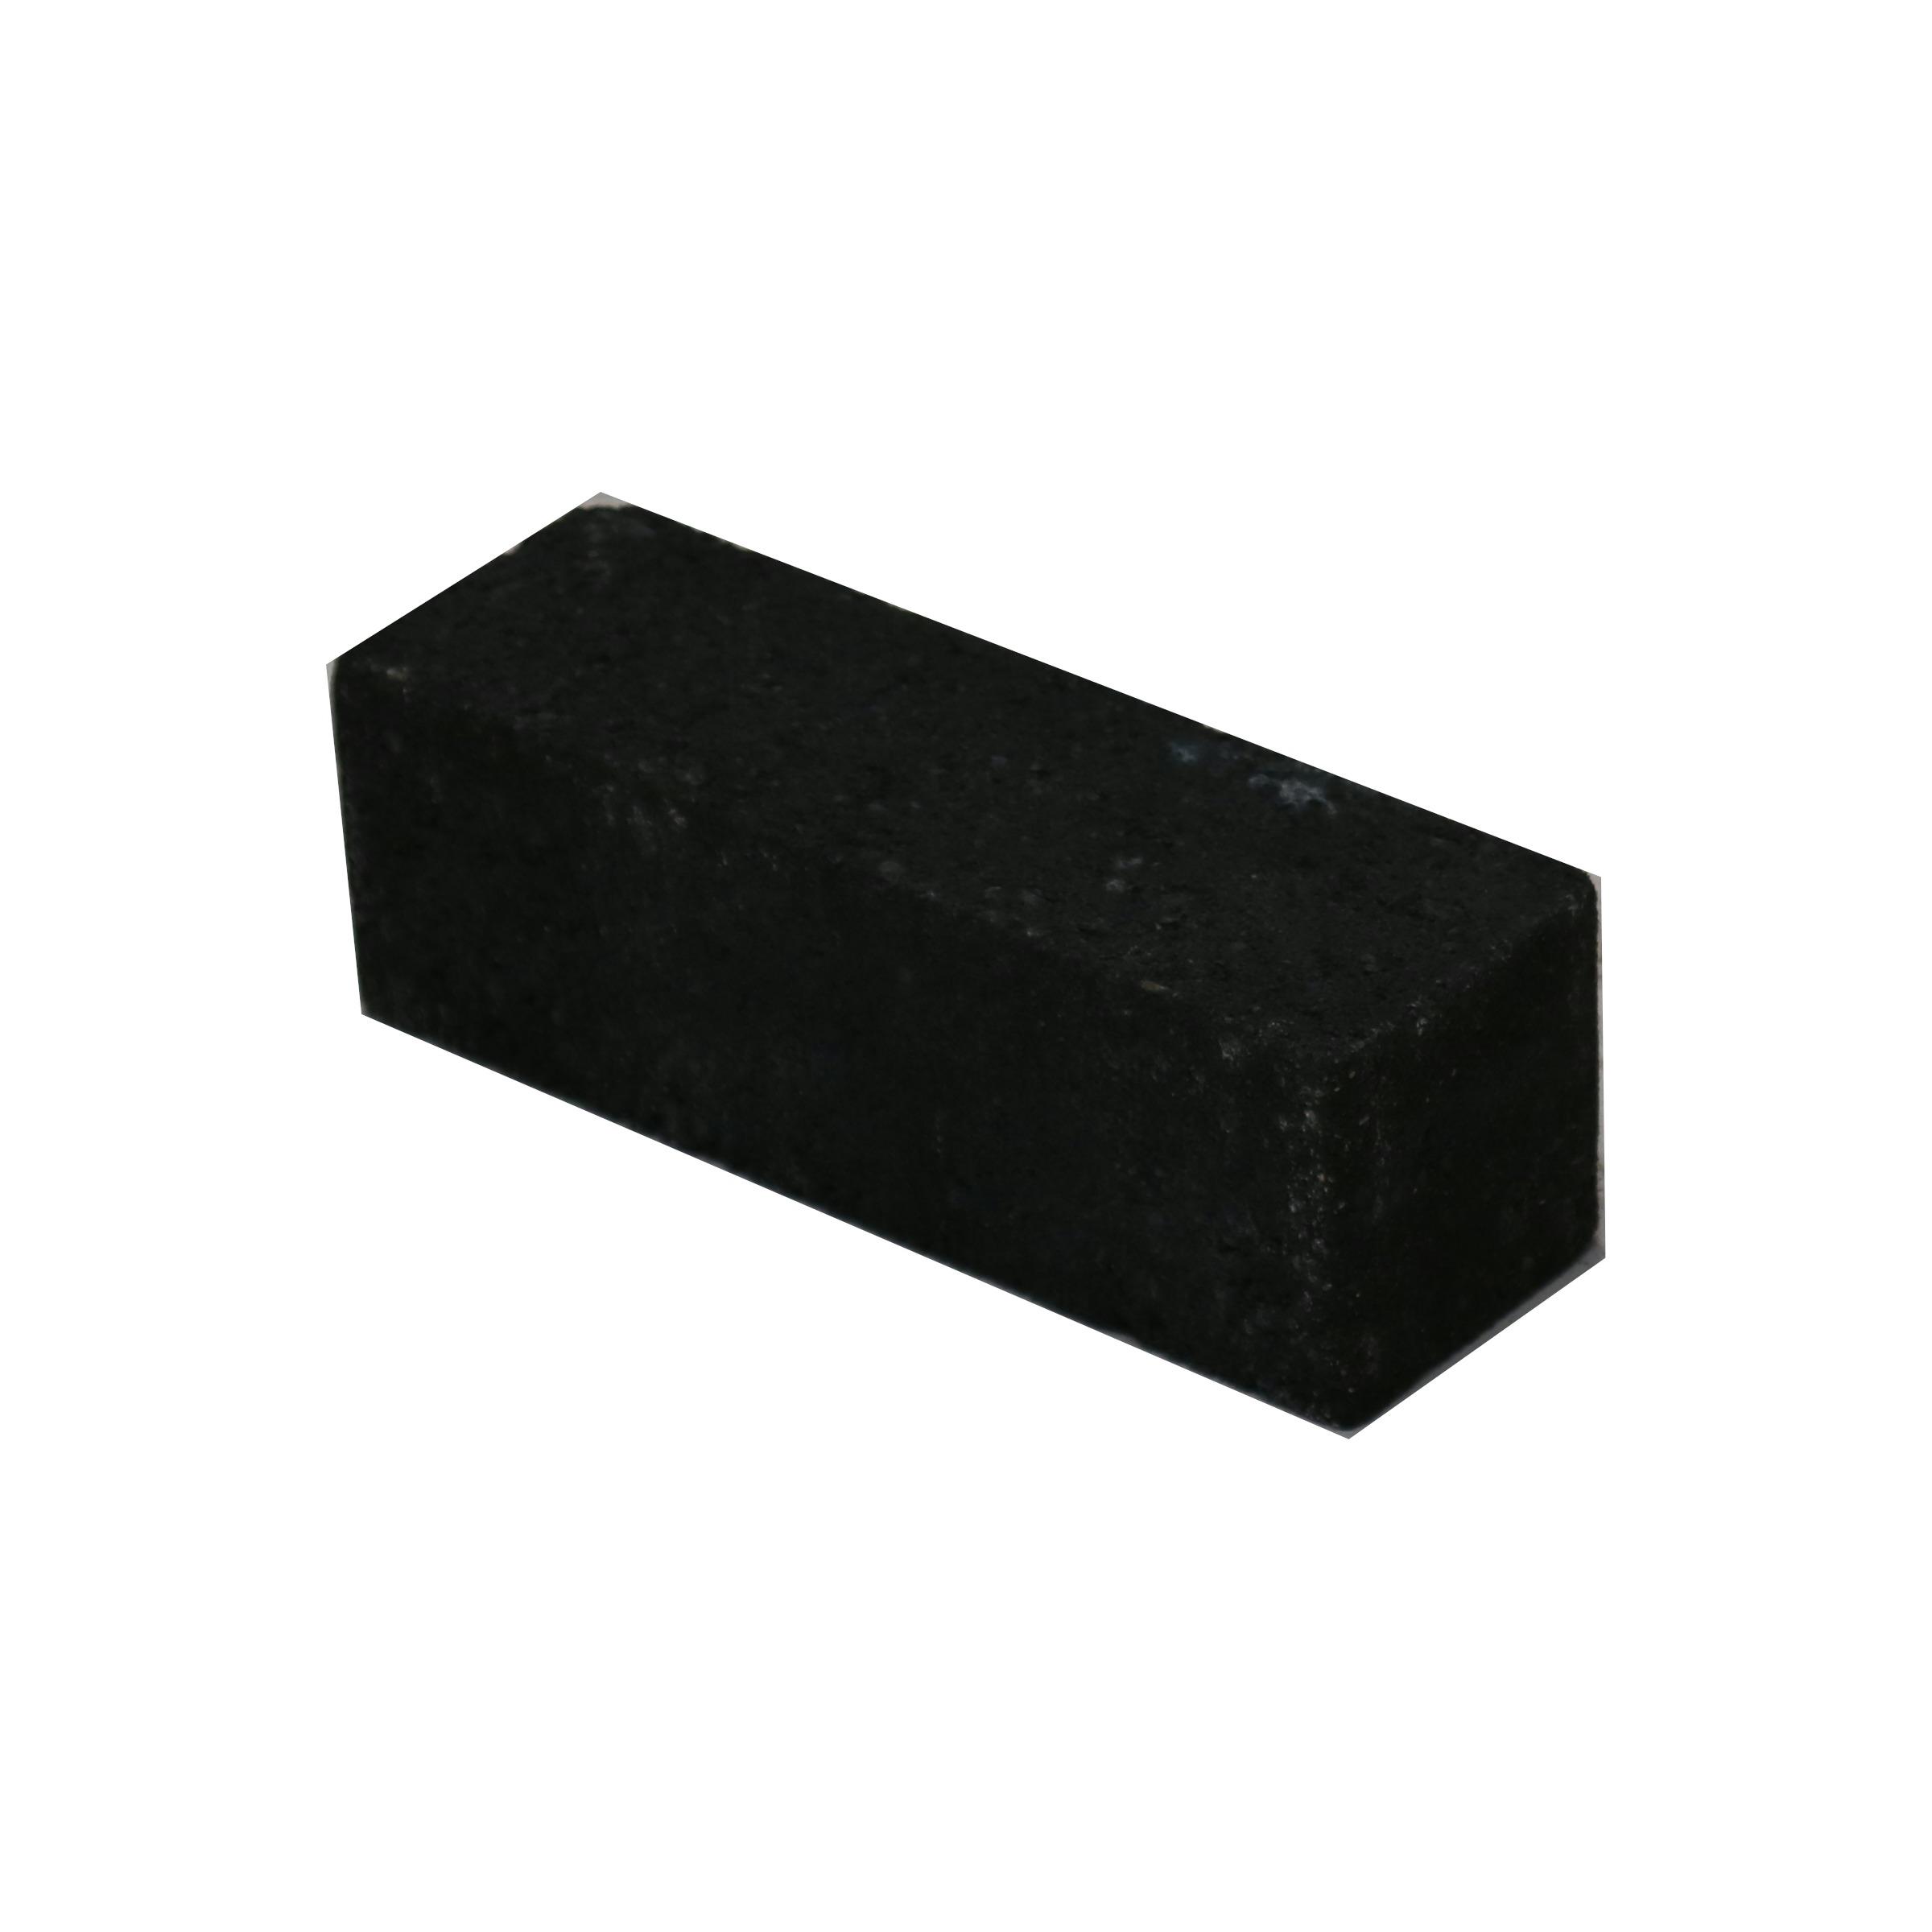 Klinker Beton Antraciet Dikformaat 21x7x7 cm - 51 Klinkers - 0,71 m2